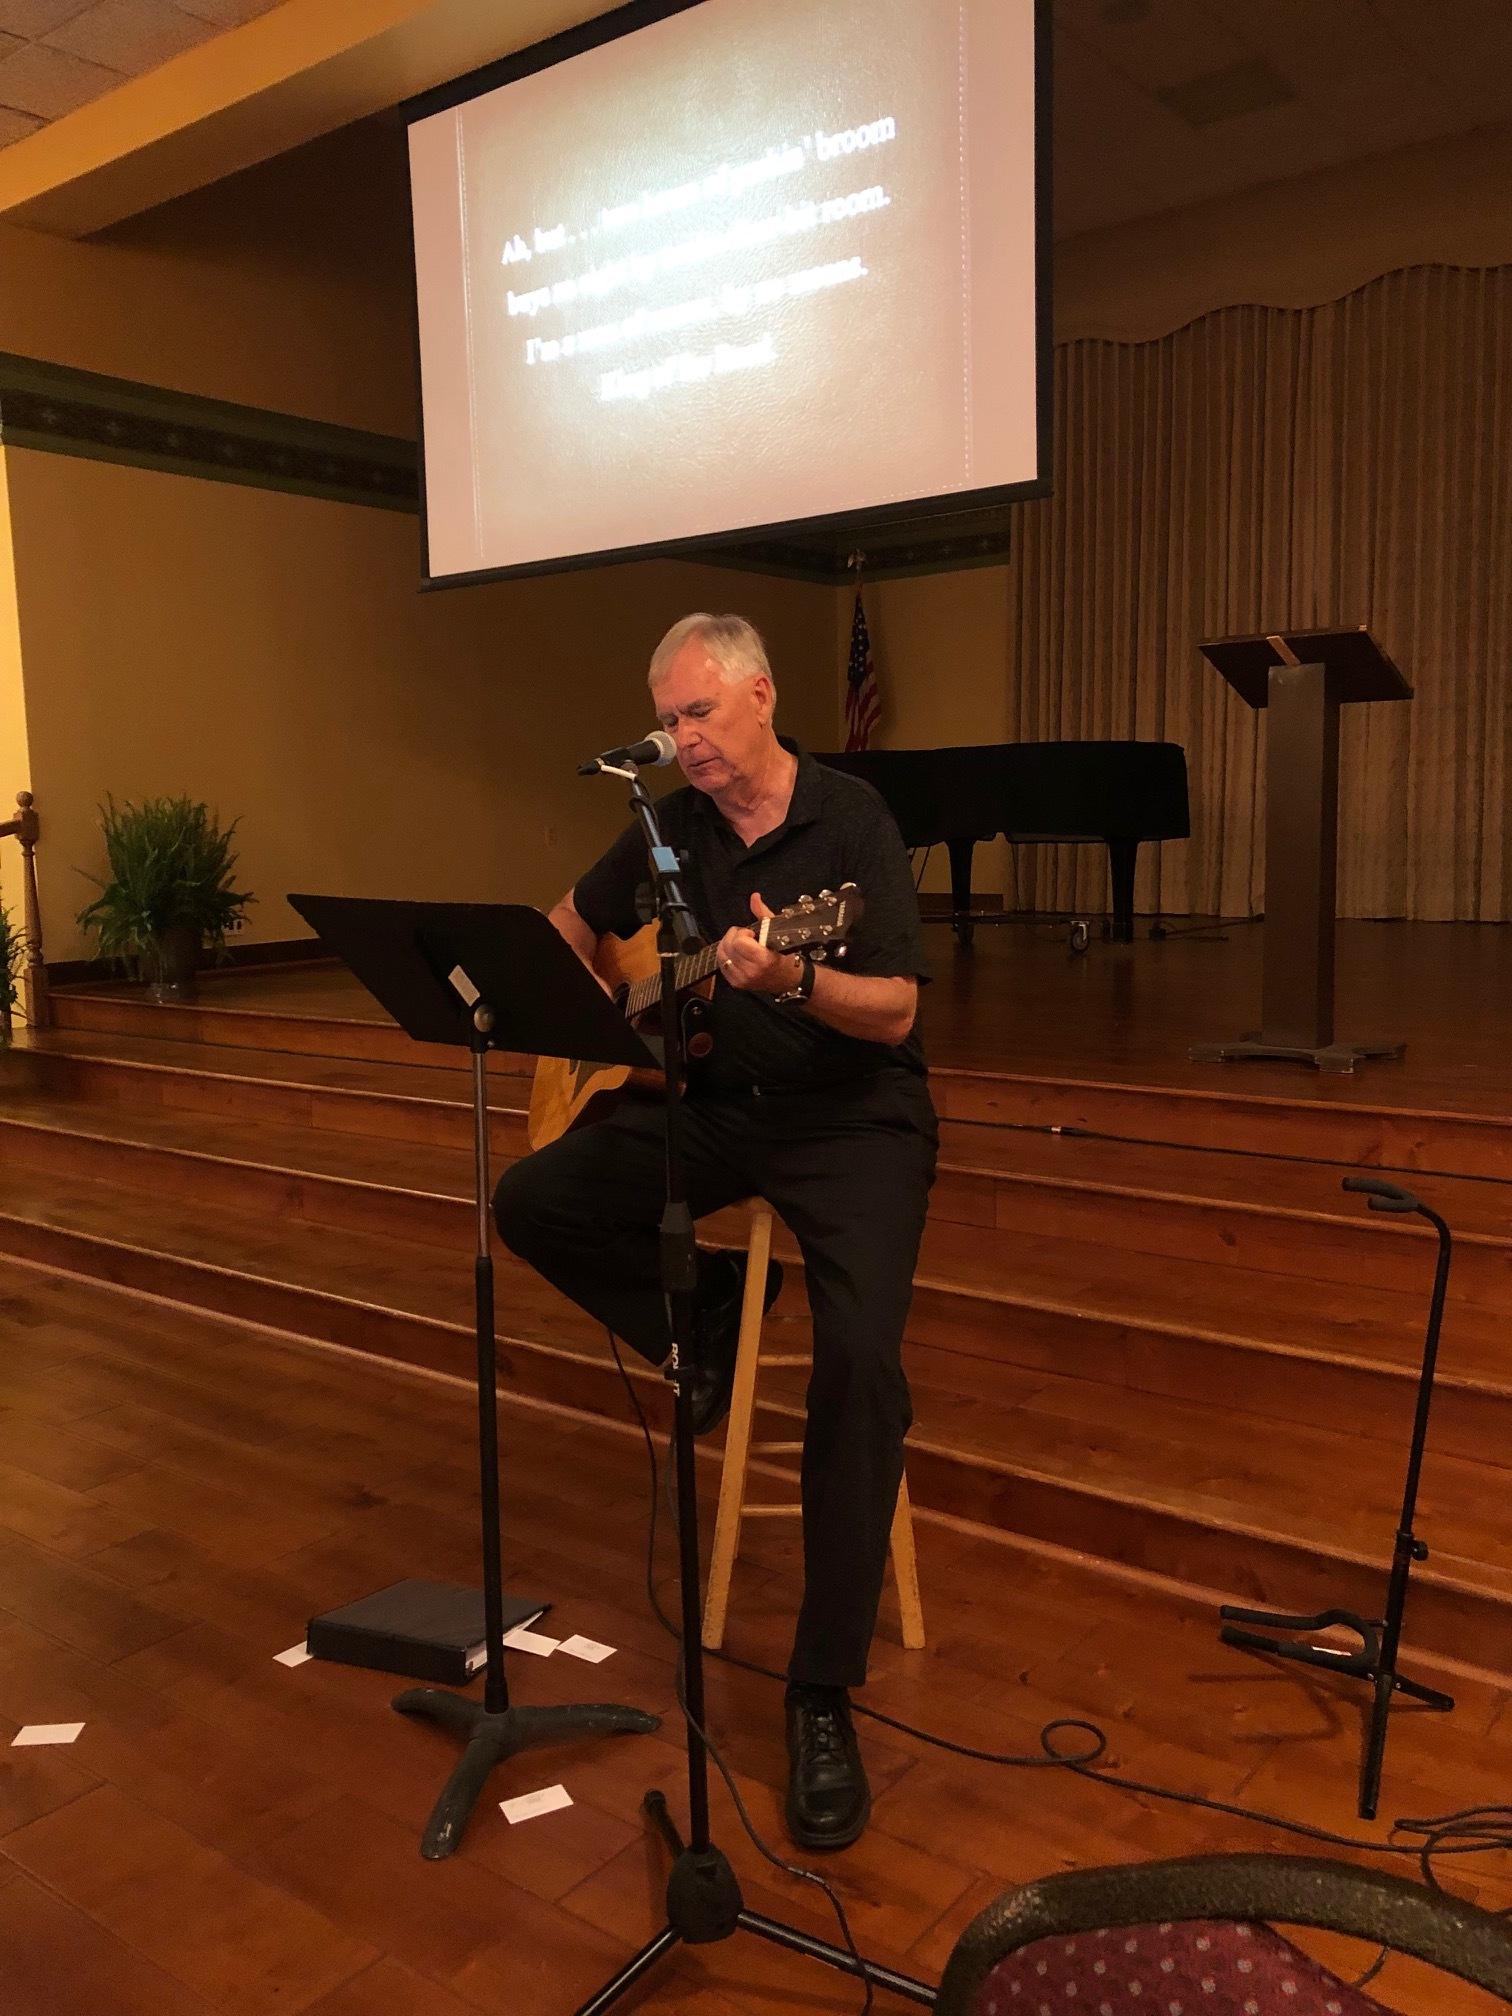 Emcee Jeff Jenkins leads a sing along